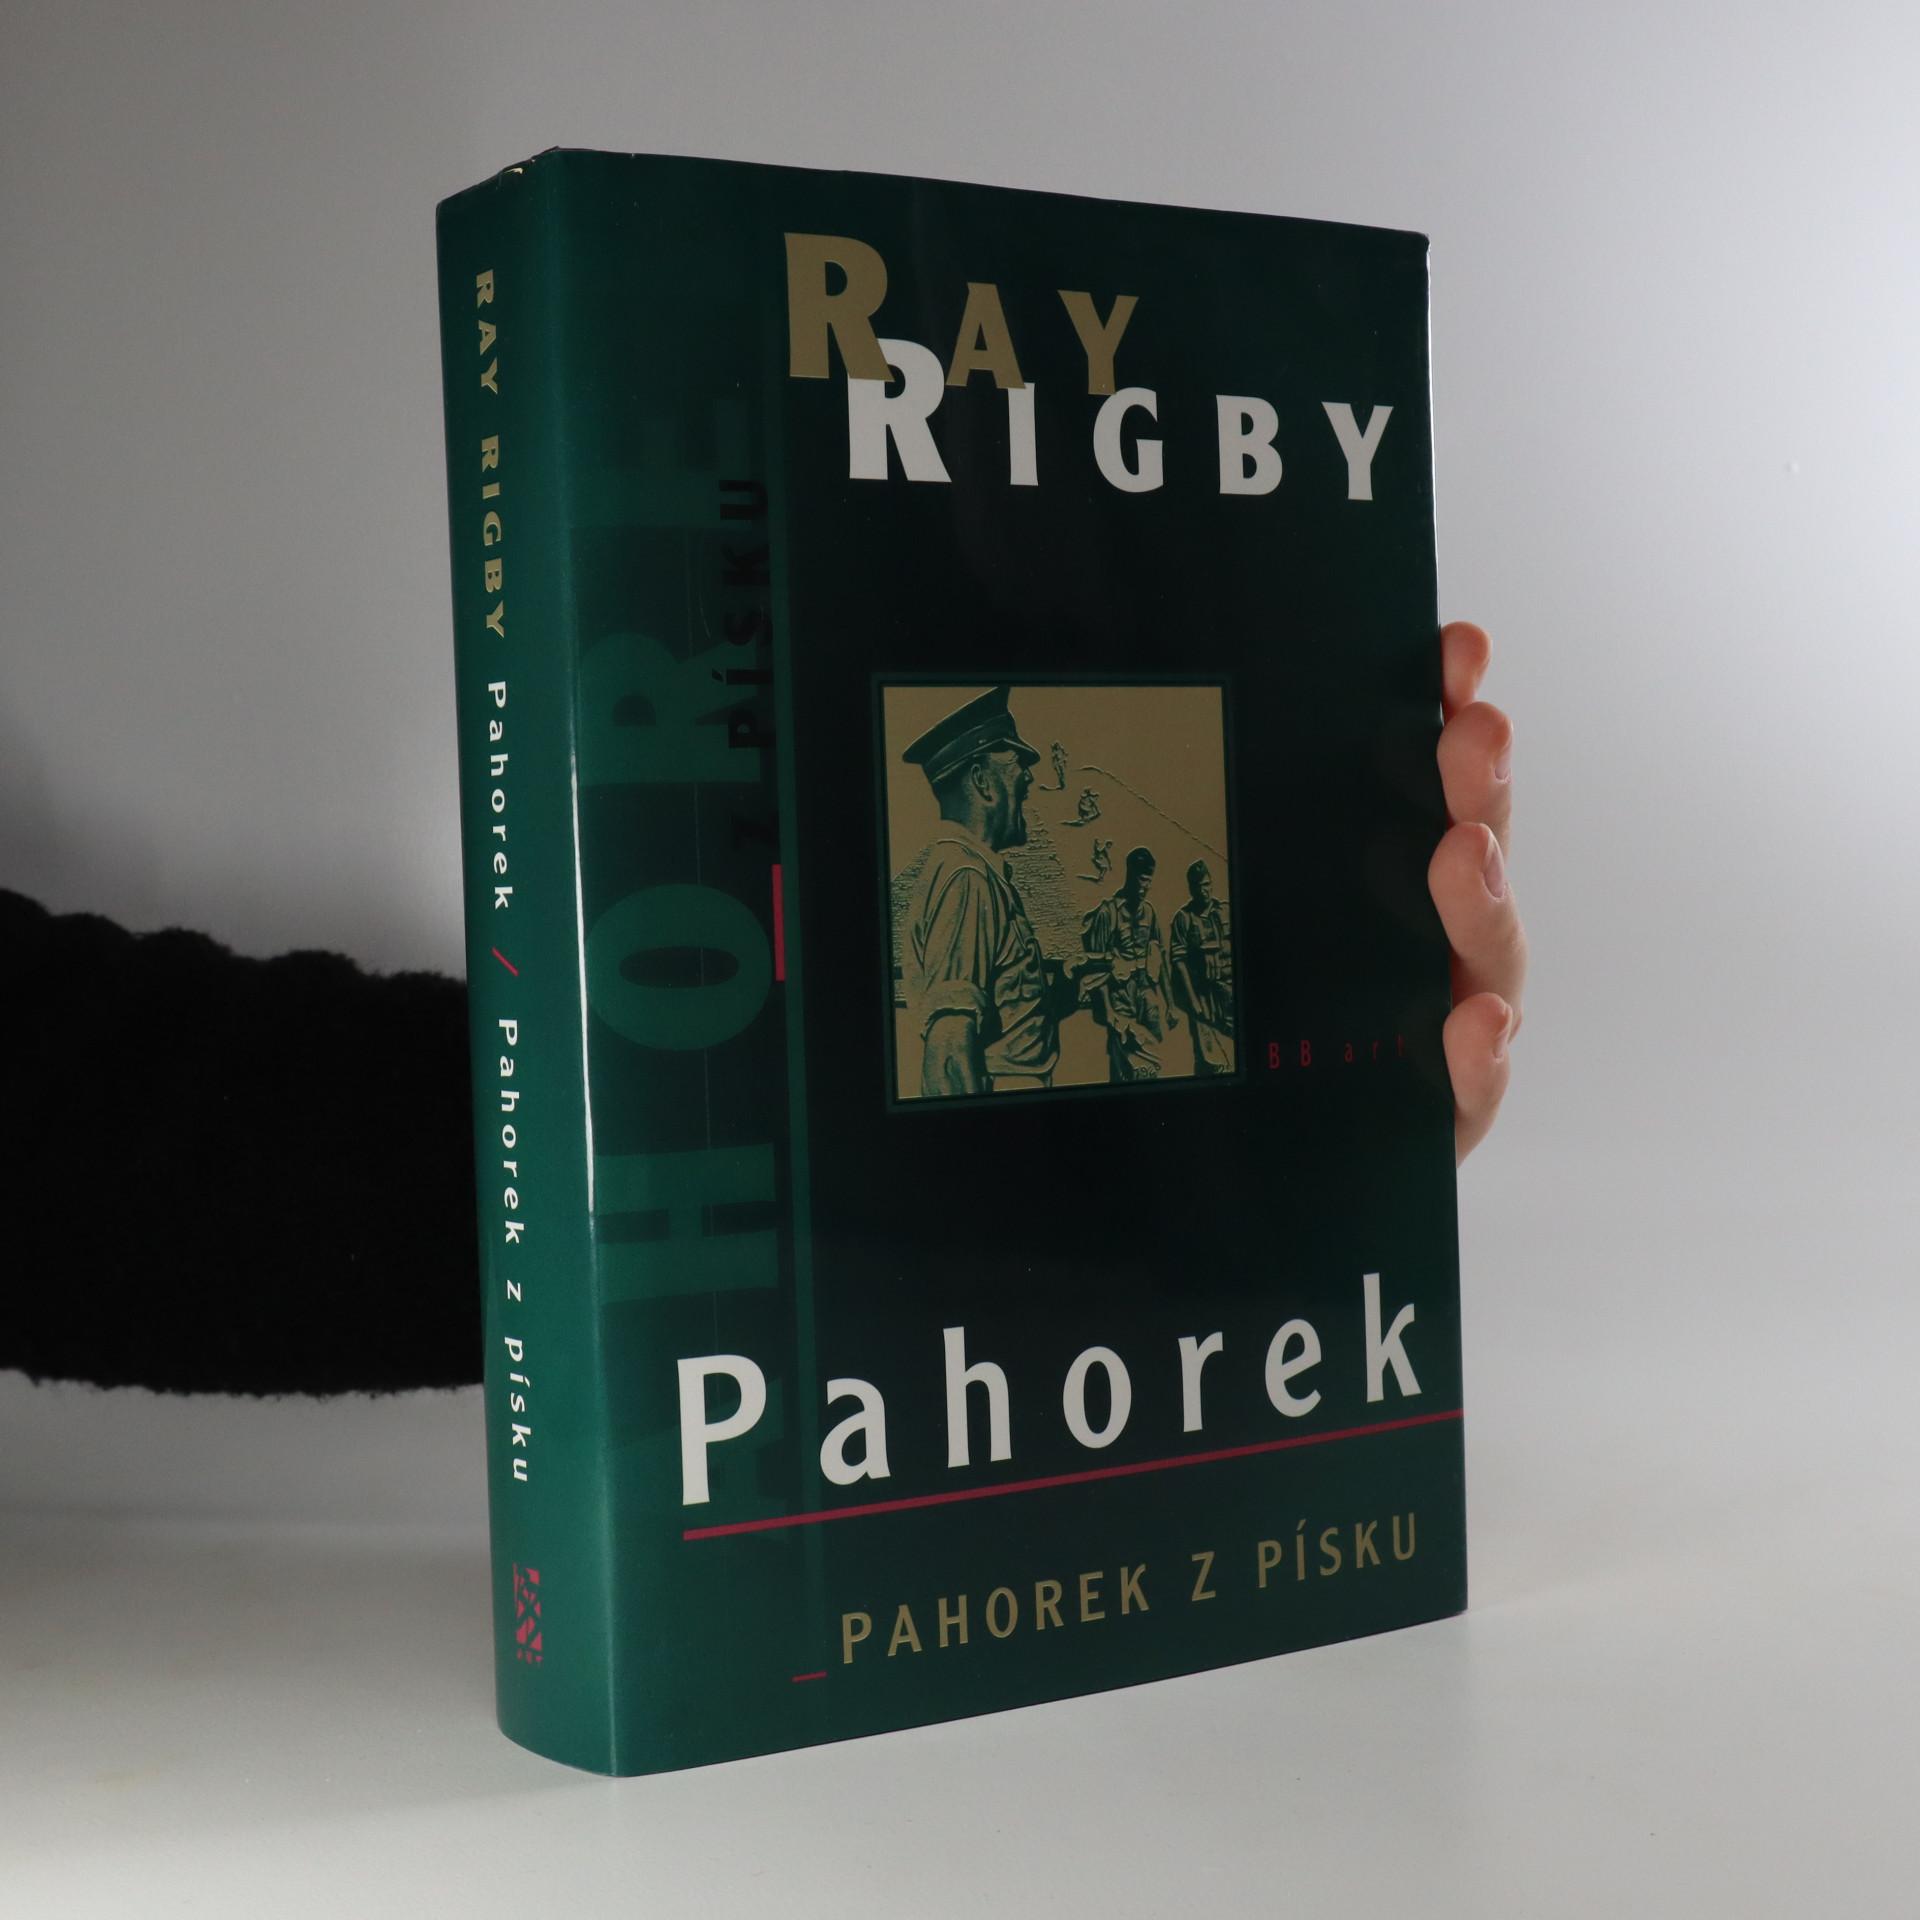 antikvární kniha Pahorek. Pahorek z písku, 1999